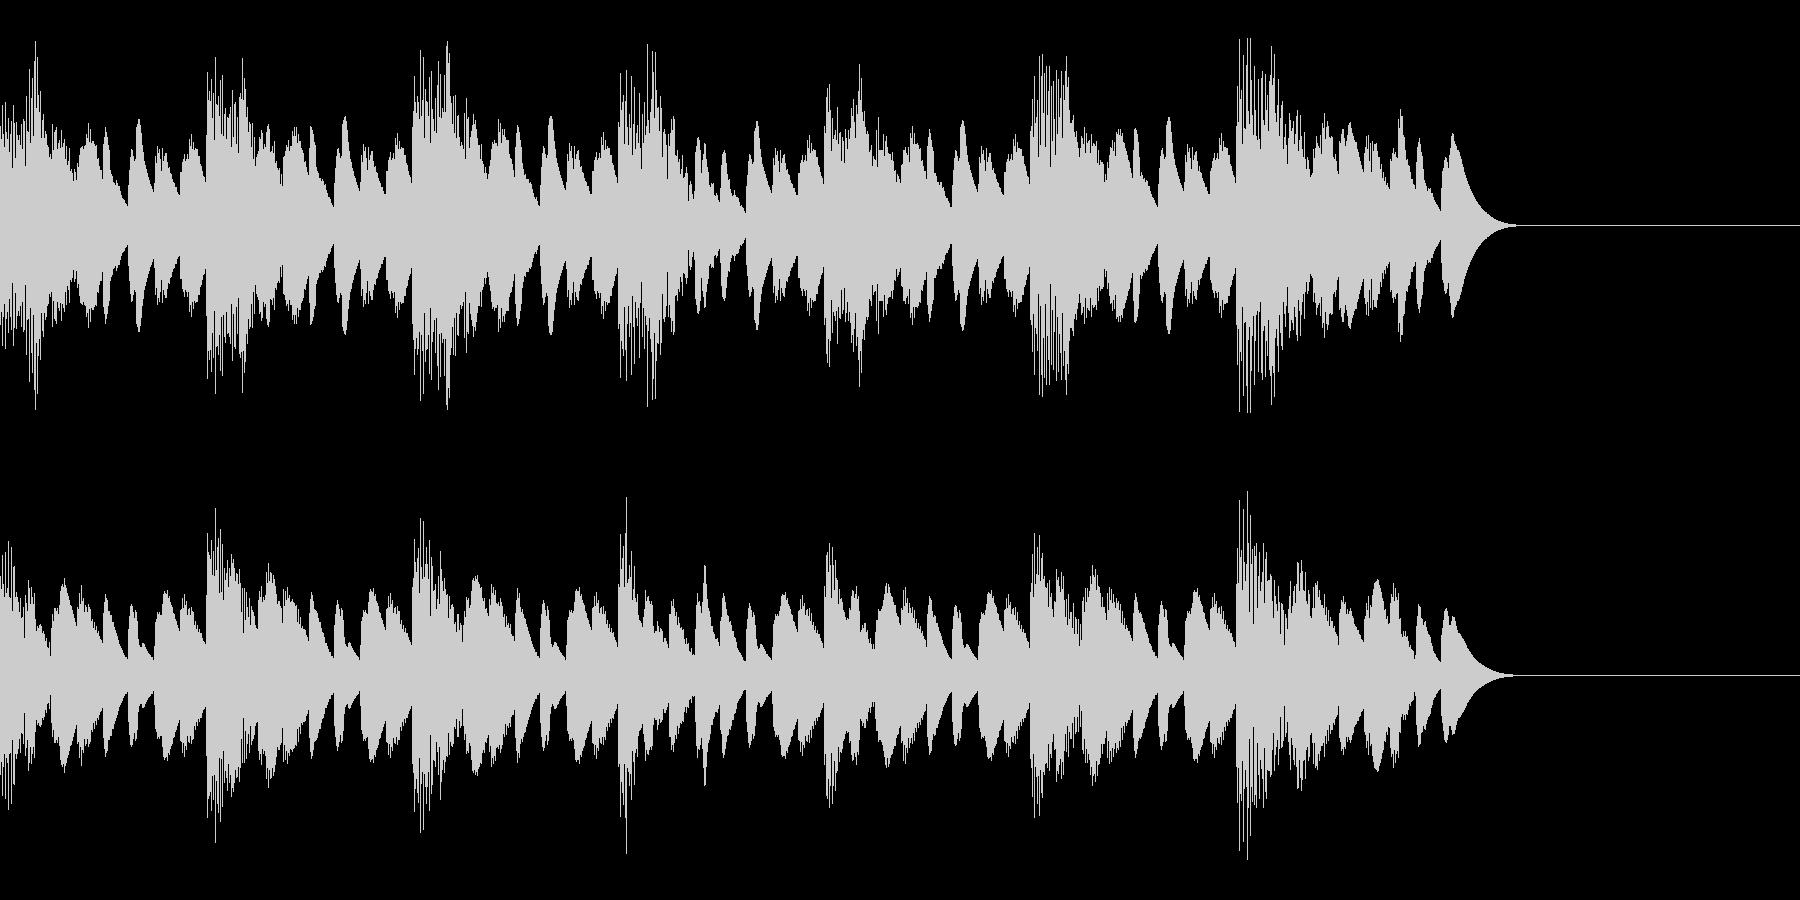 15秒CM用 マリンバSEの未再生の波形